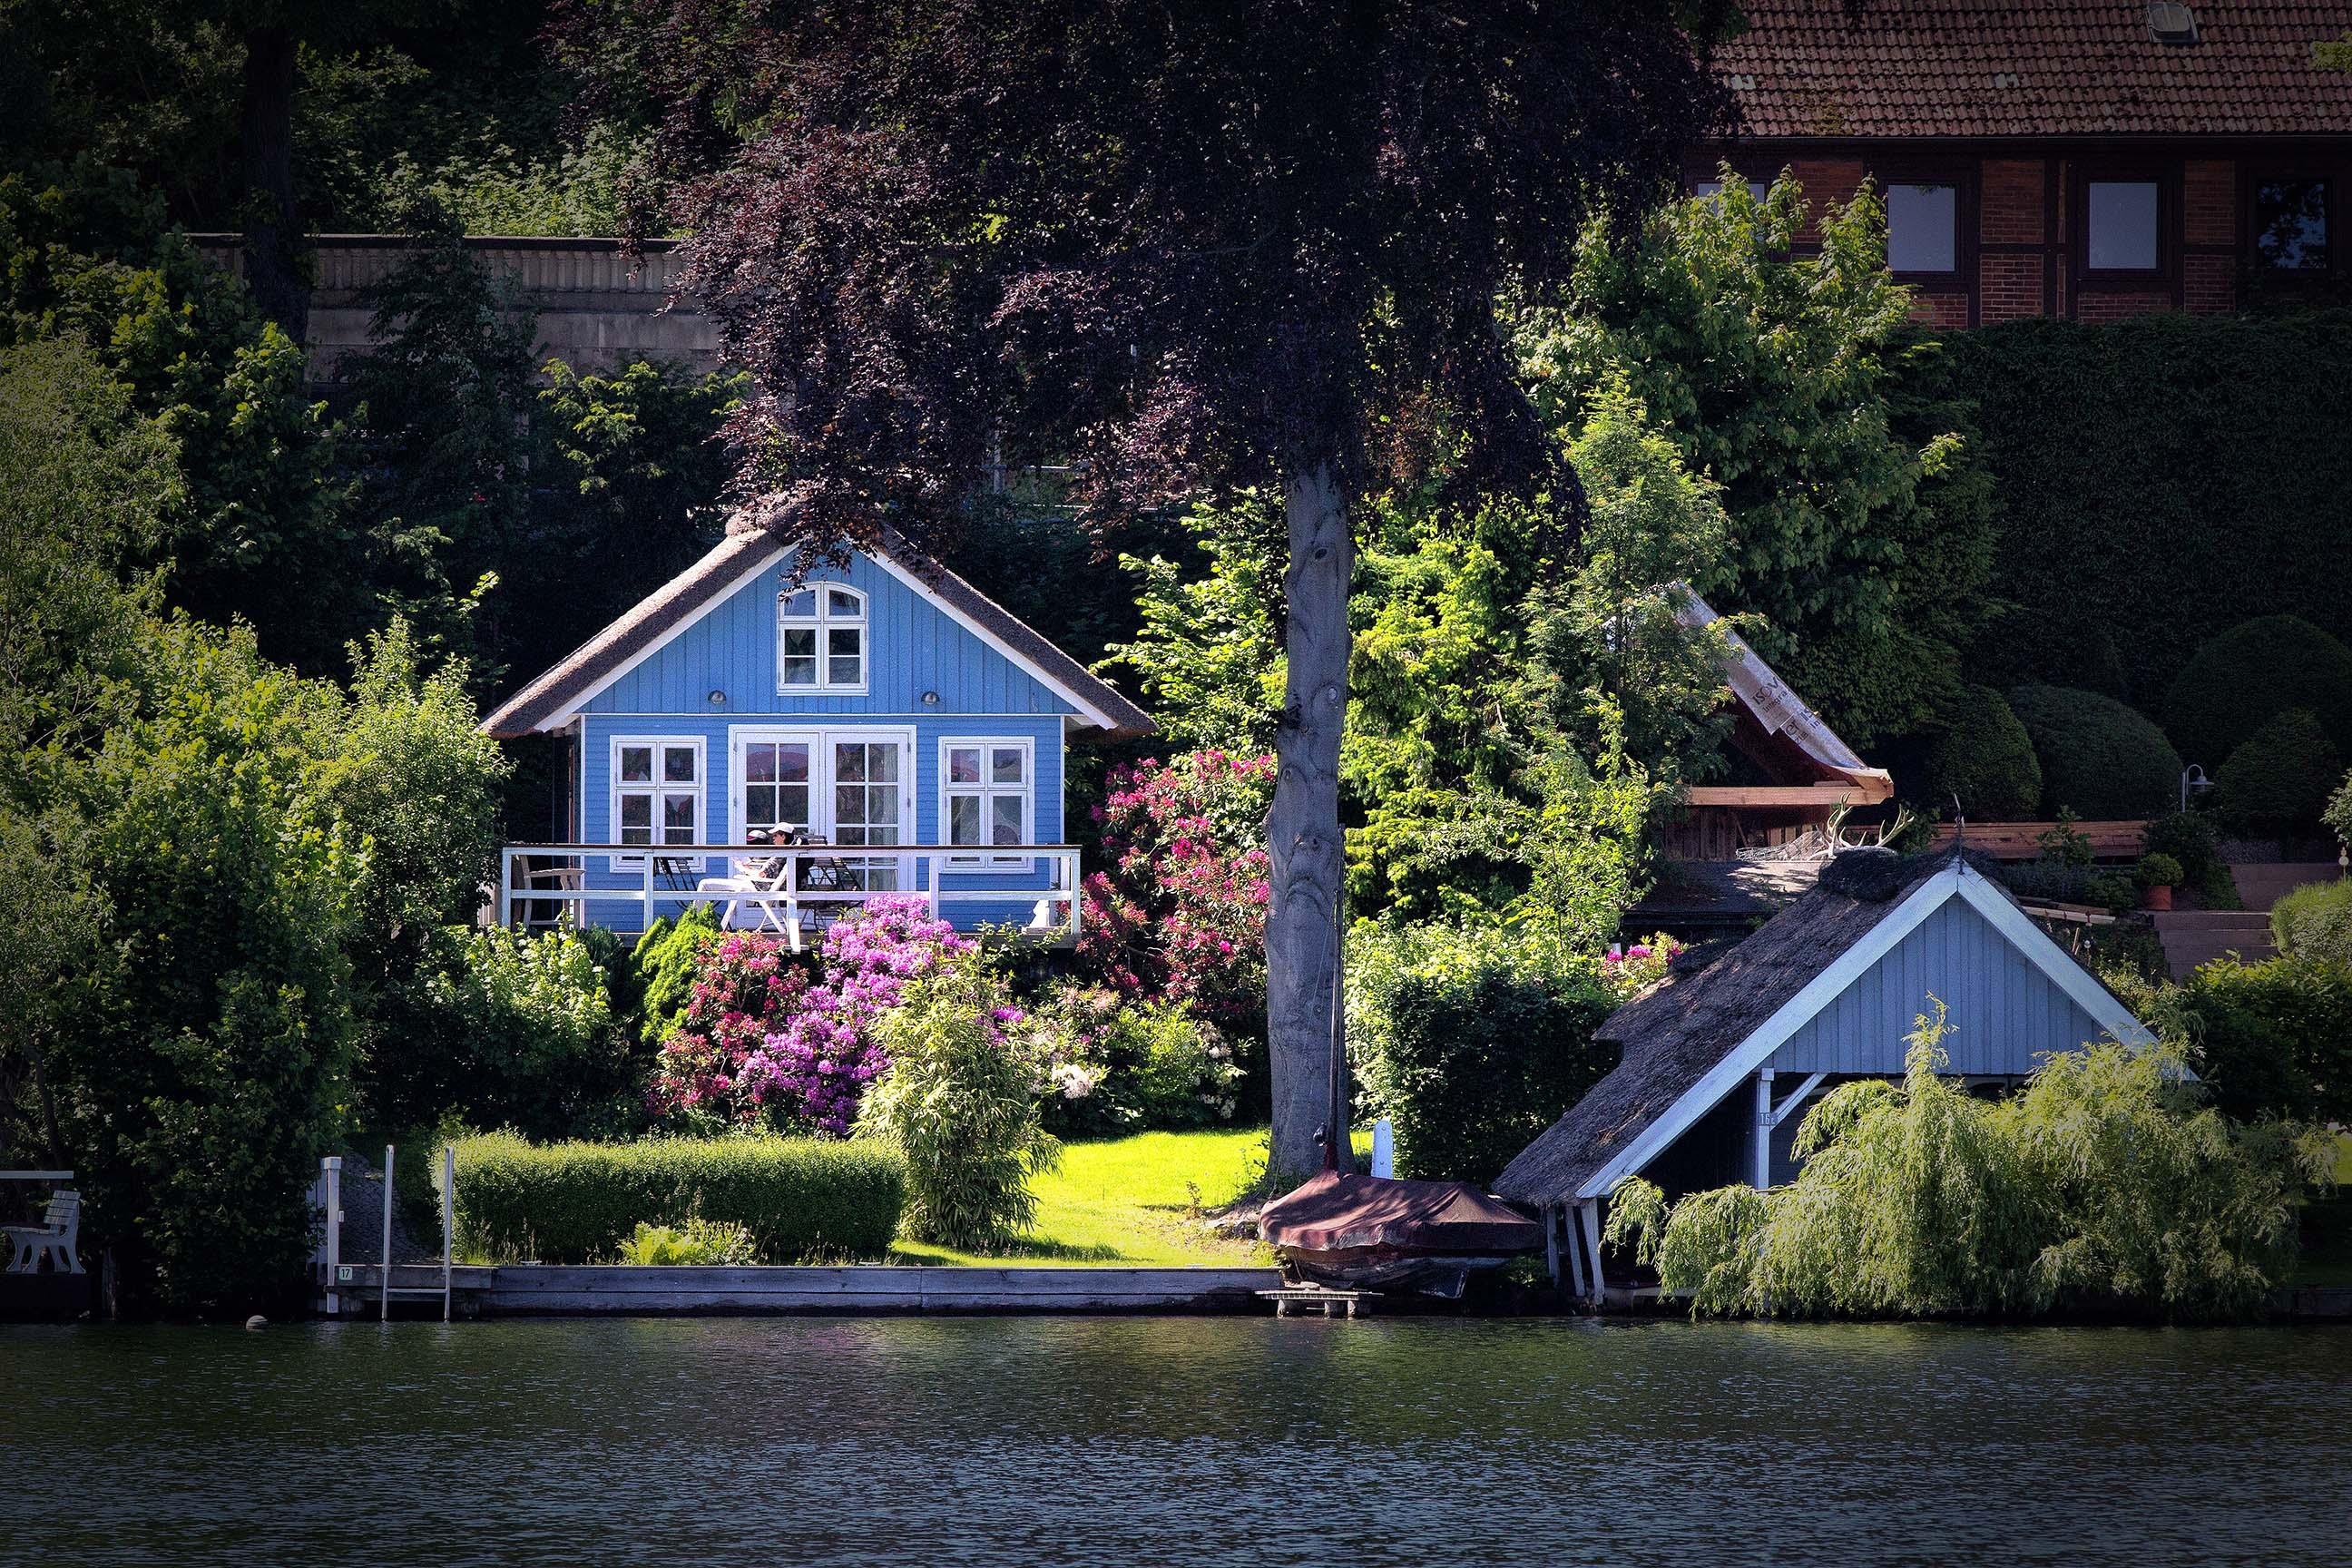 Ferienhaus am Küchensee (Ratzeburg) in Blau